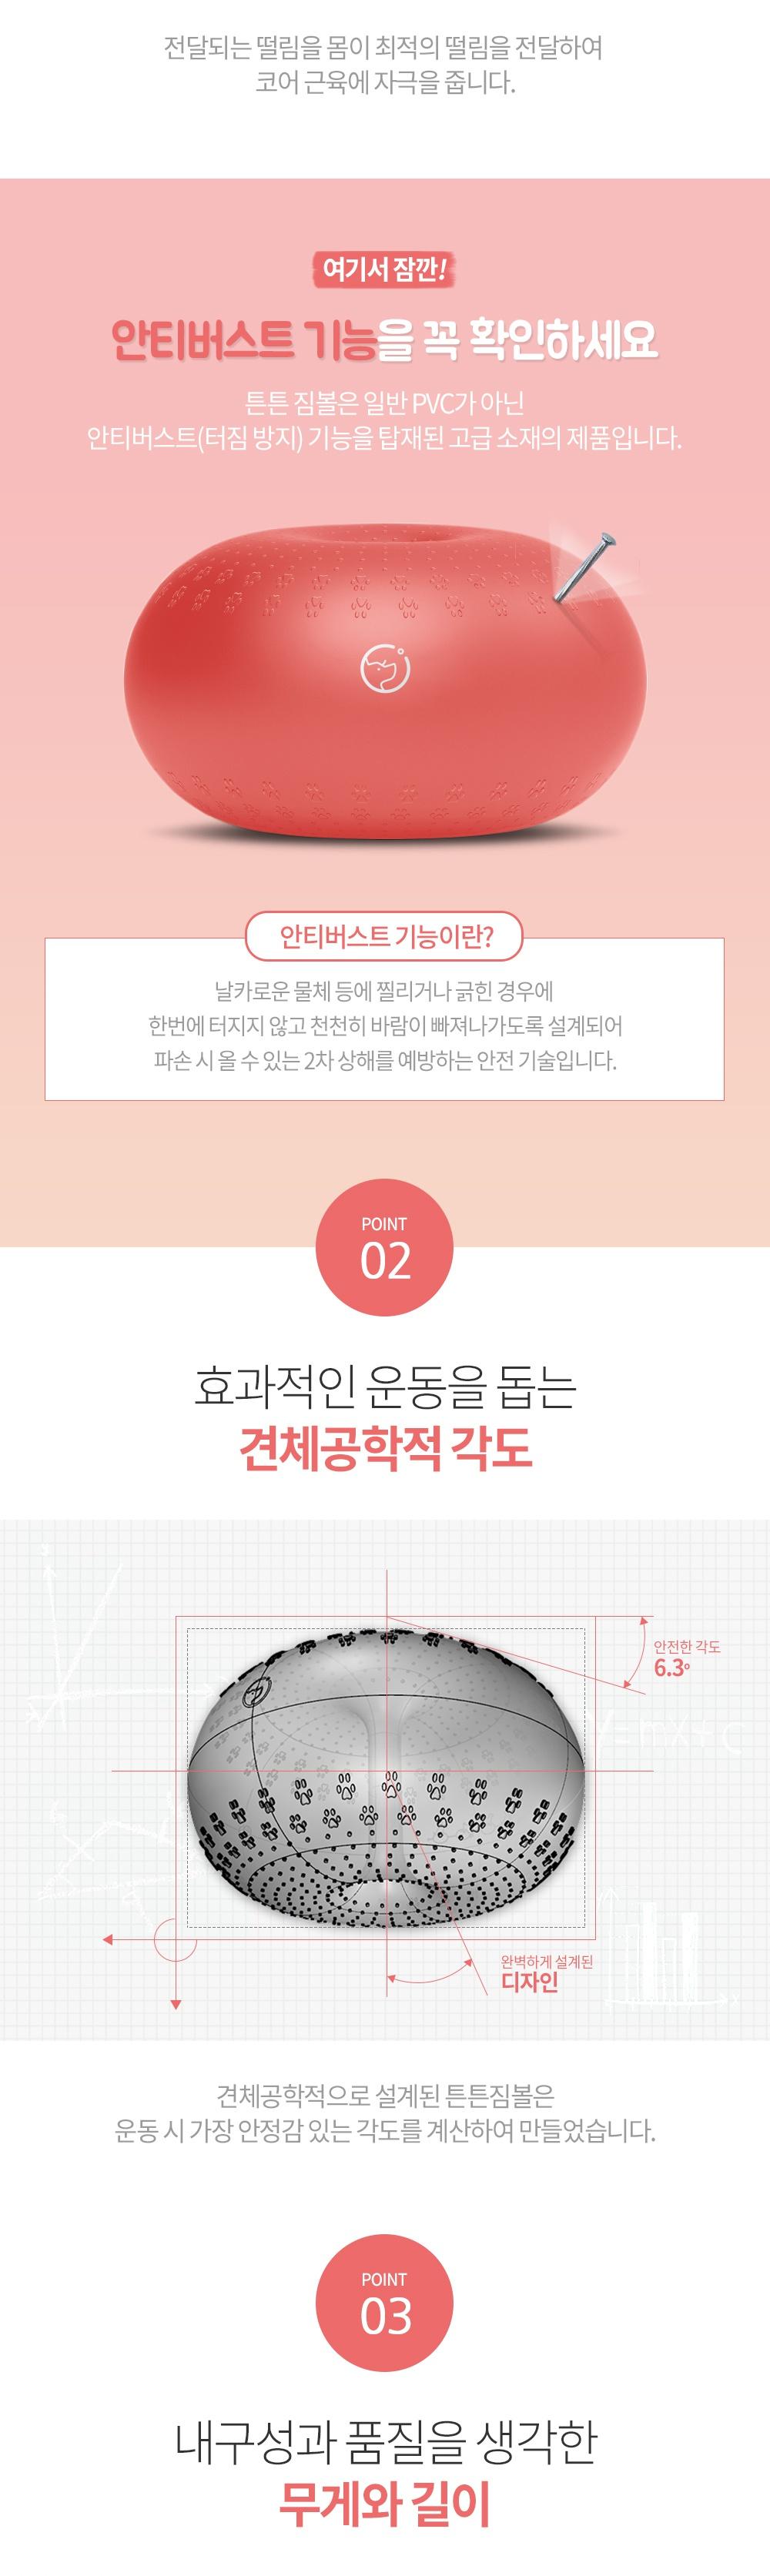 반려견 운동기구 튼튼짐볼+홀더 (단품/세트)-상품이미지-14